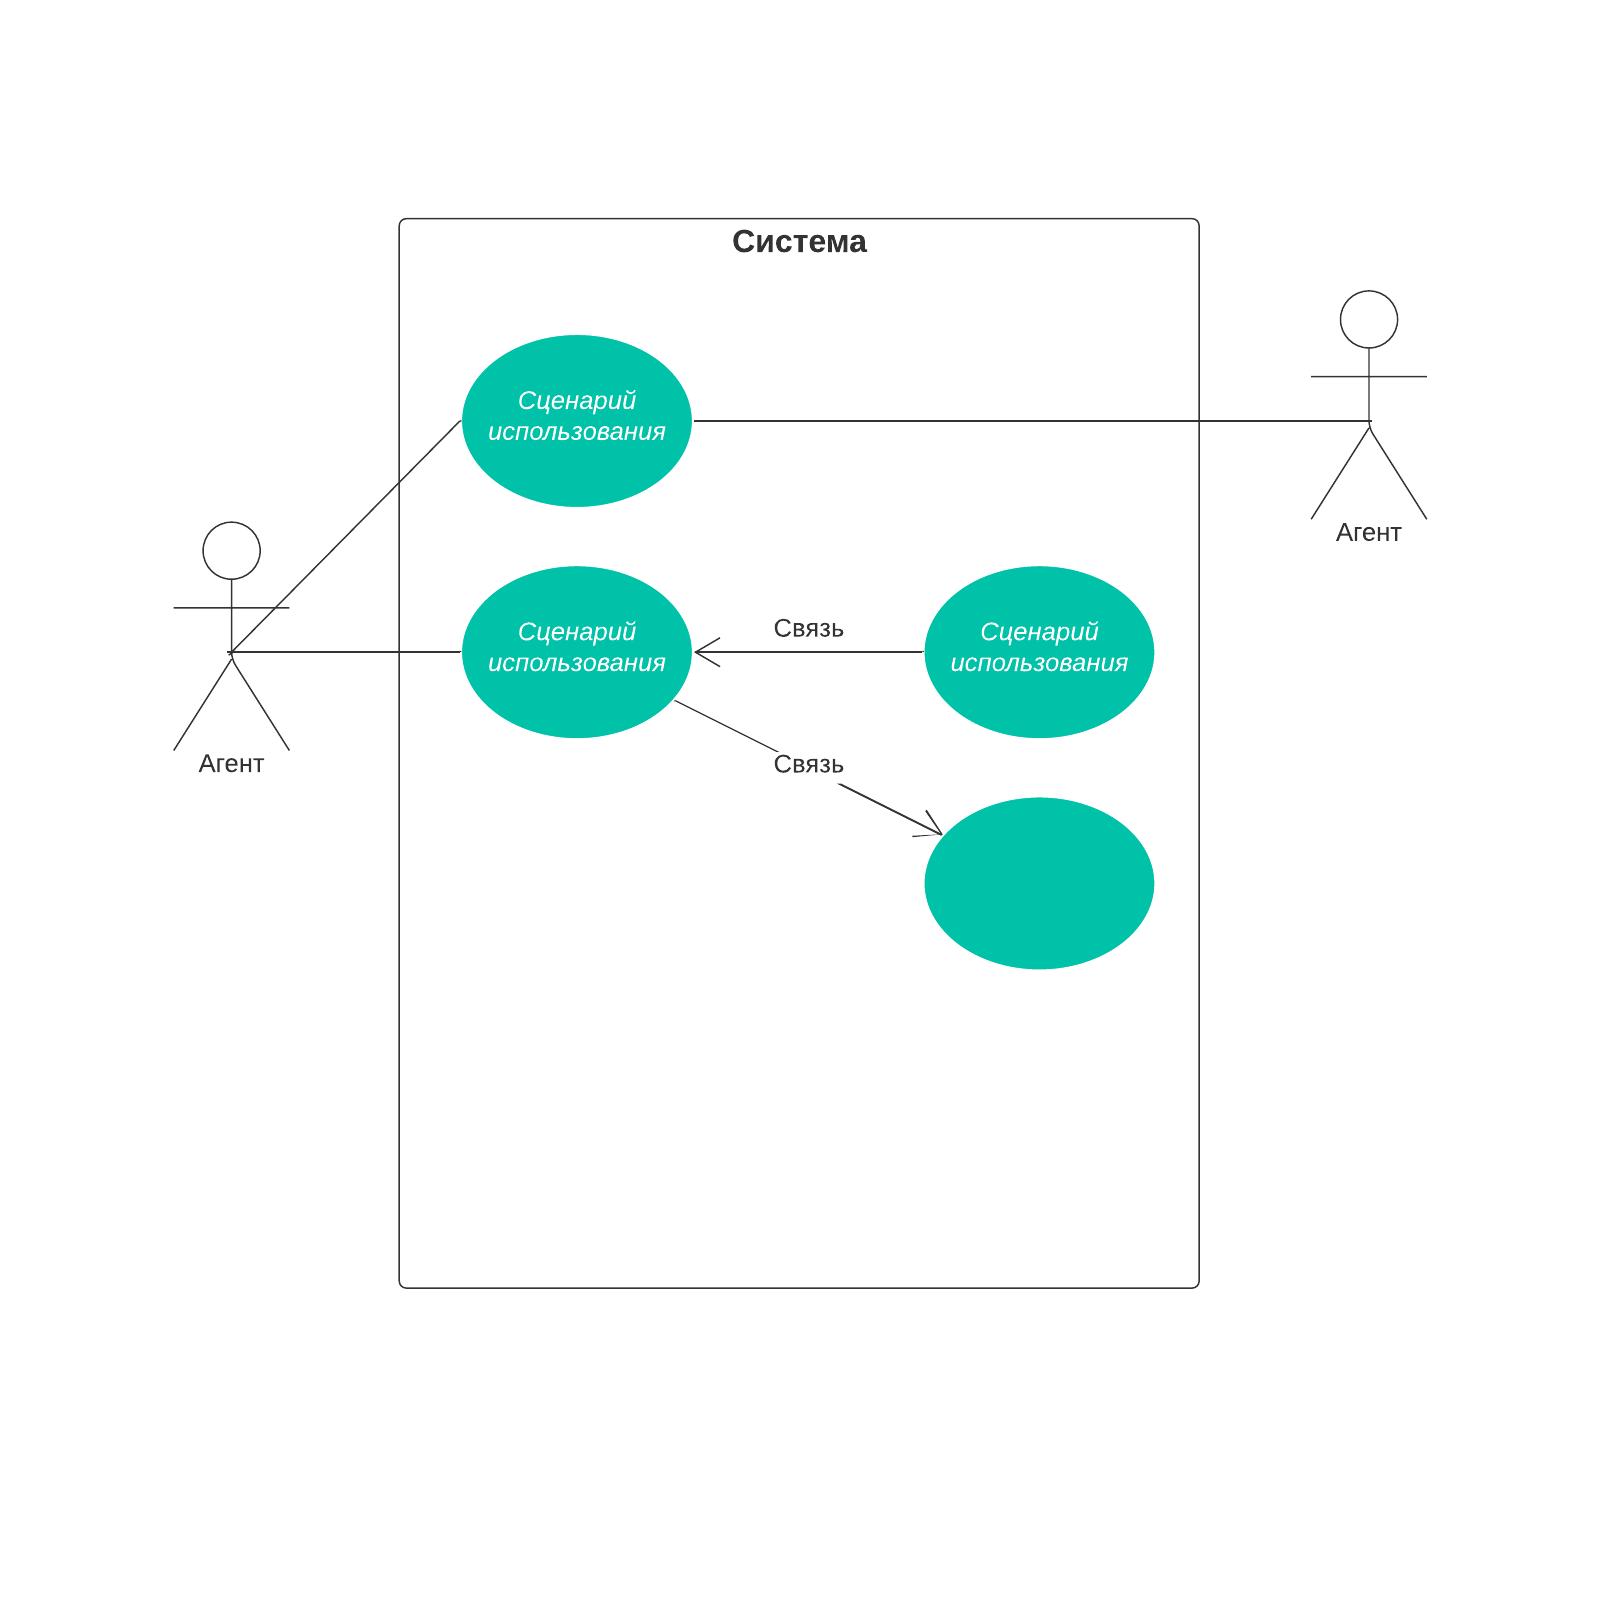 Шаблон схемы сценариев использования